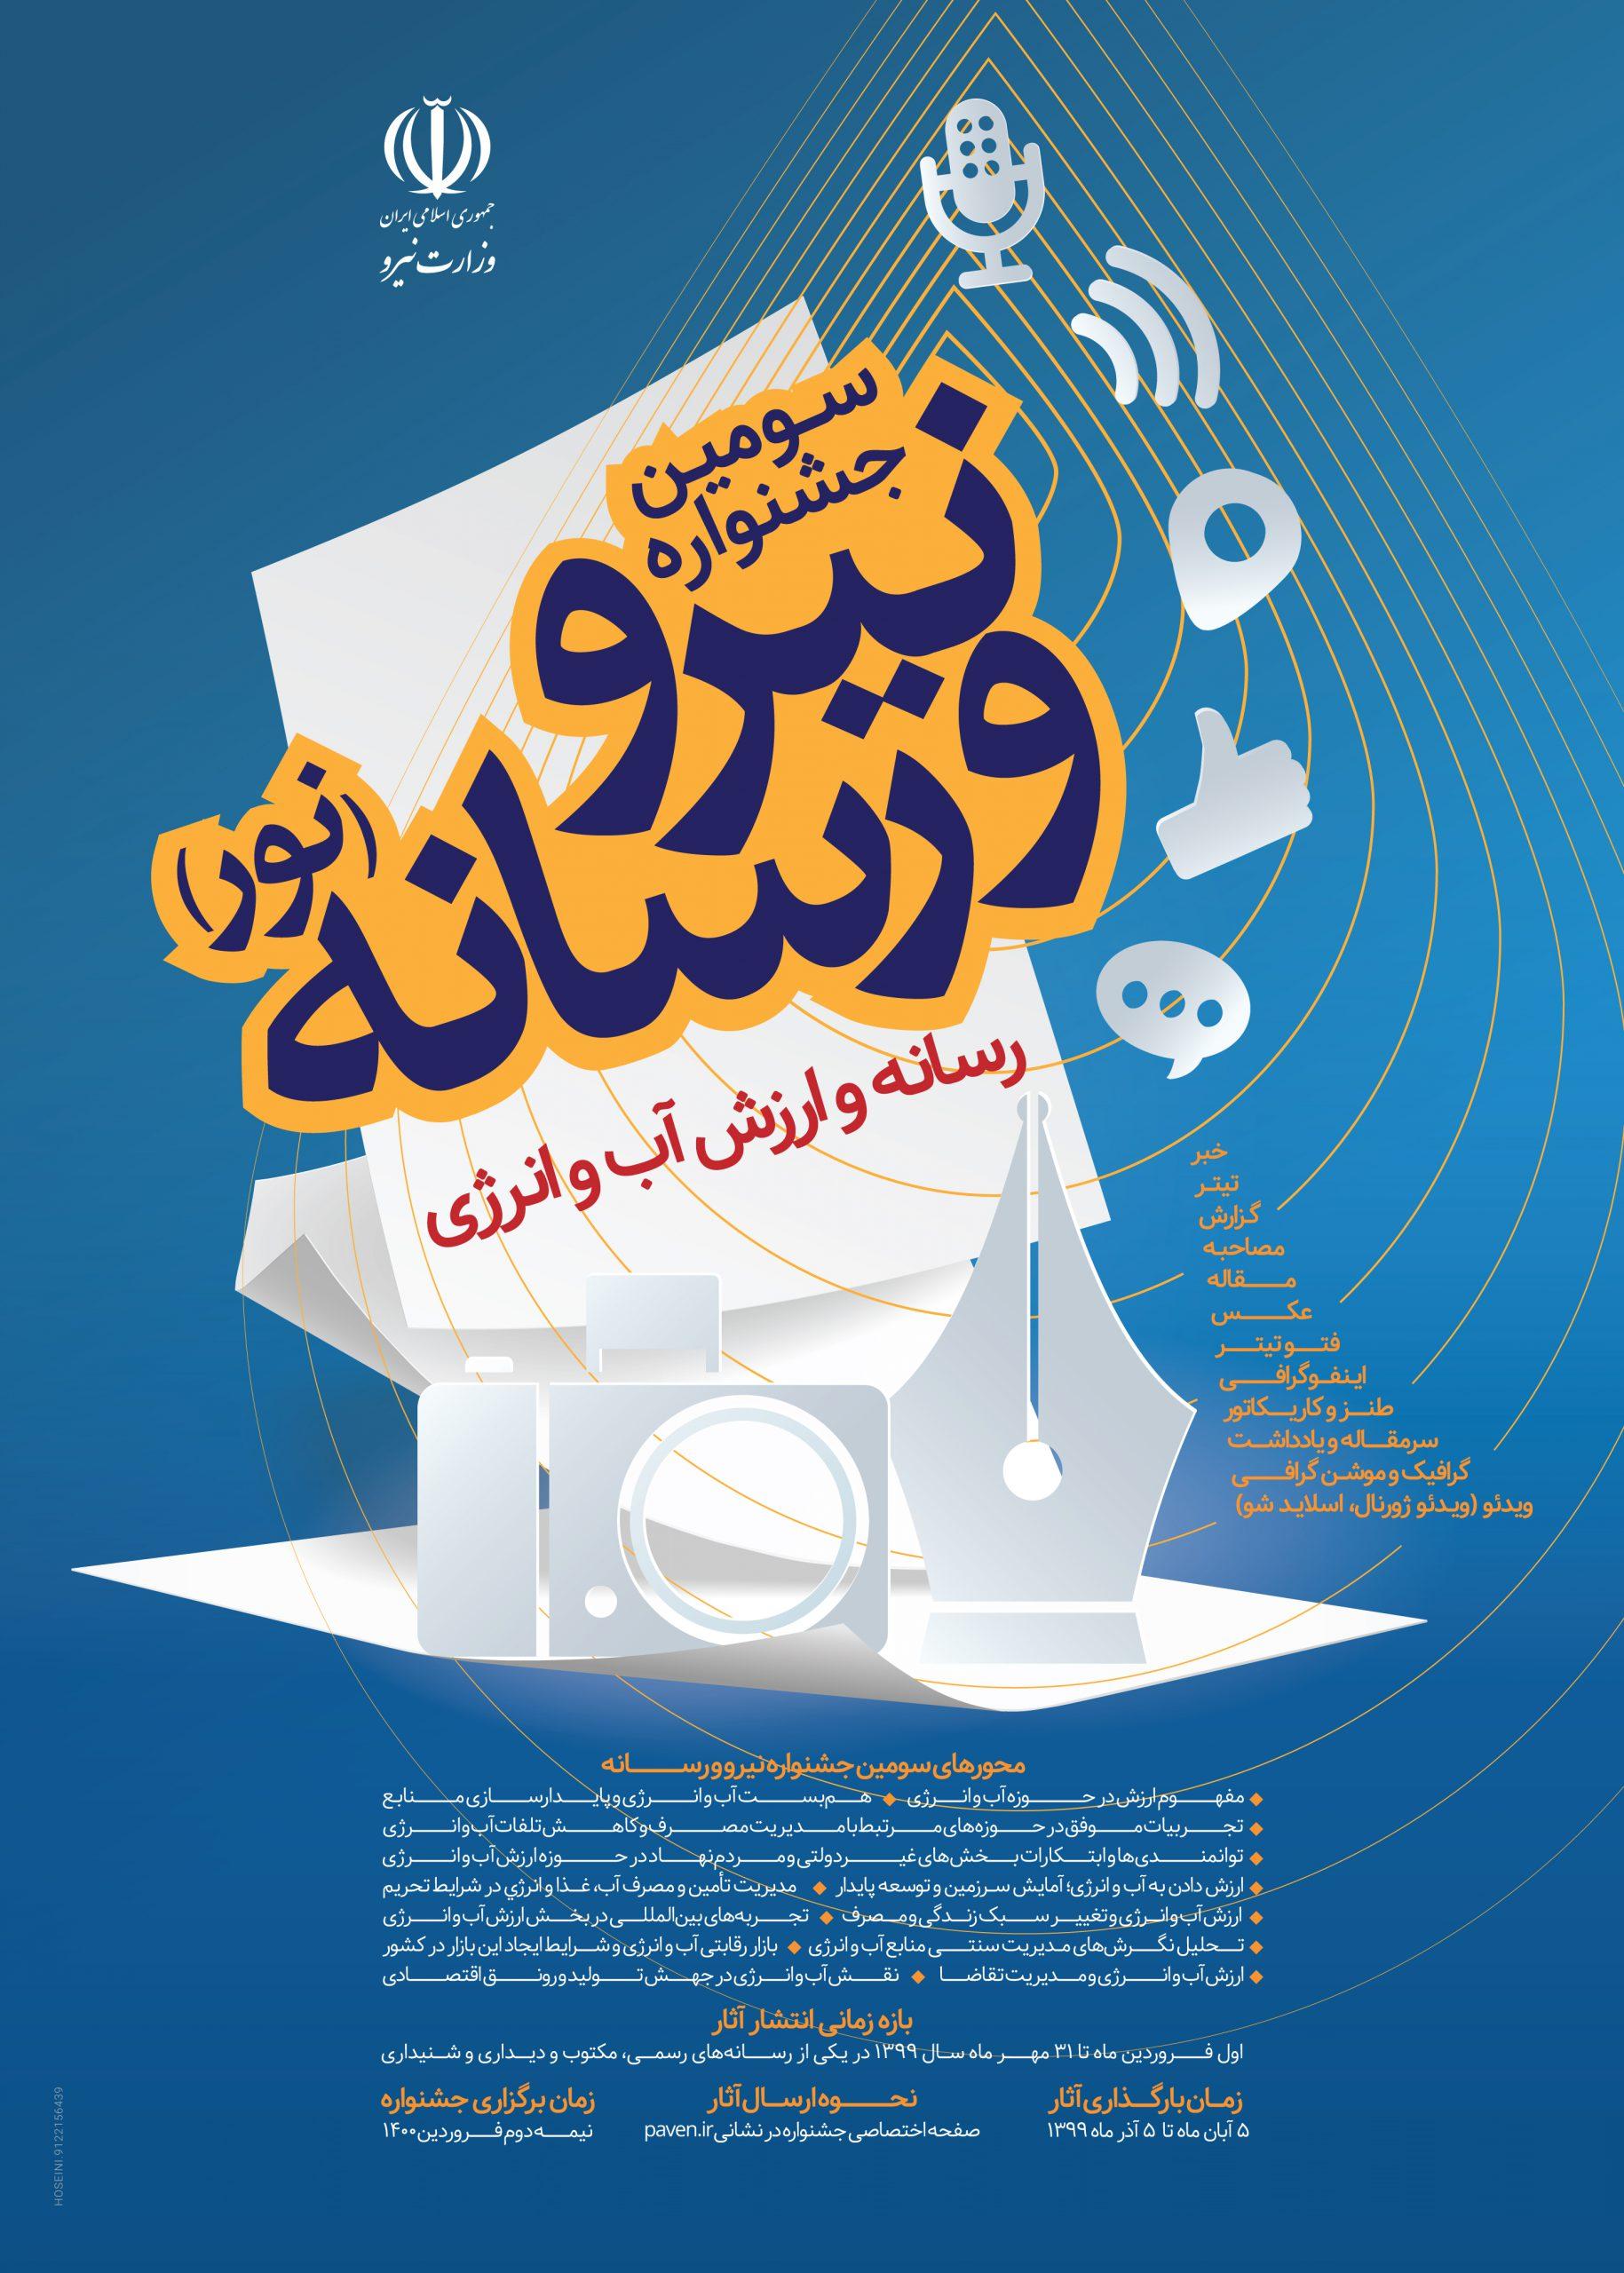 سومين جشنواره نيرو و رسانه (نور)